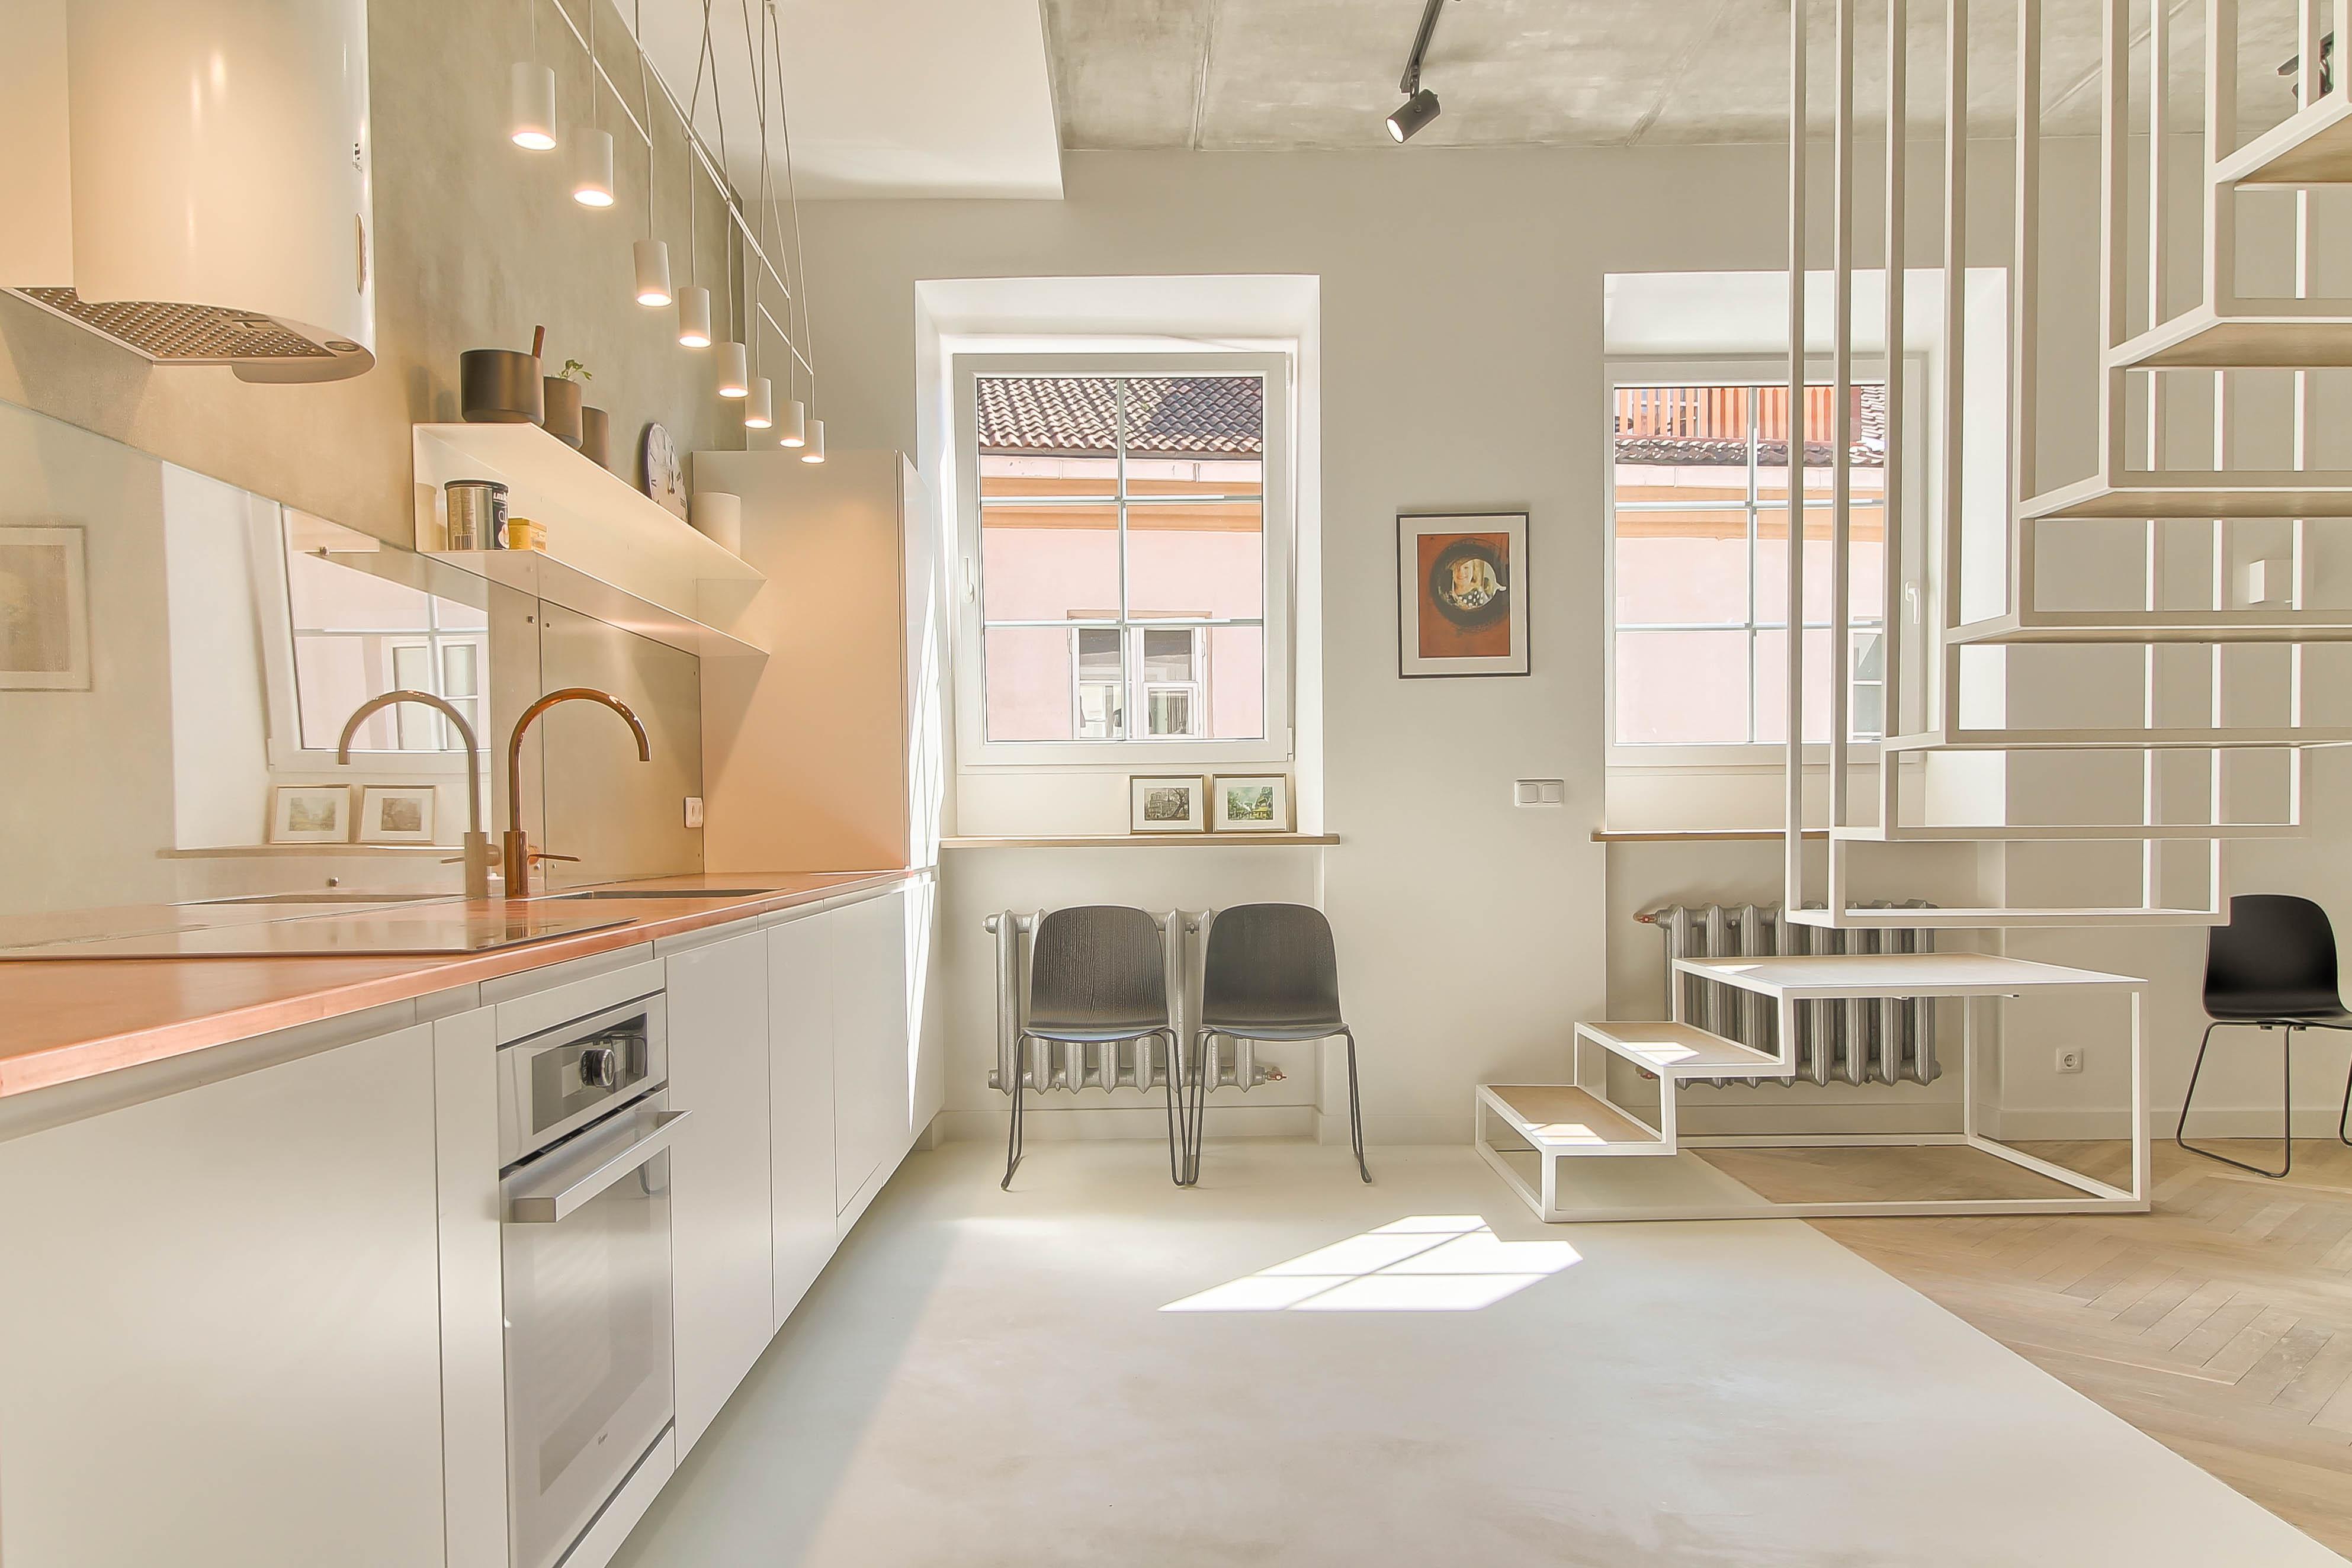 Buto interjero dizainas, virtuvės dizainas